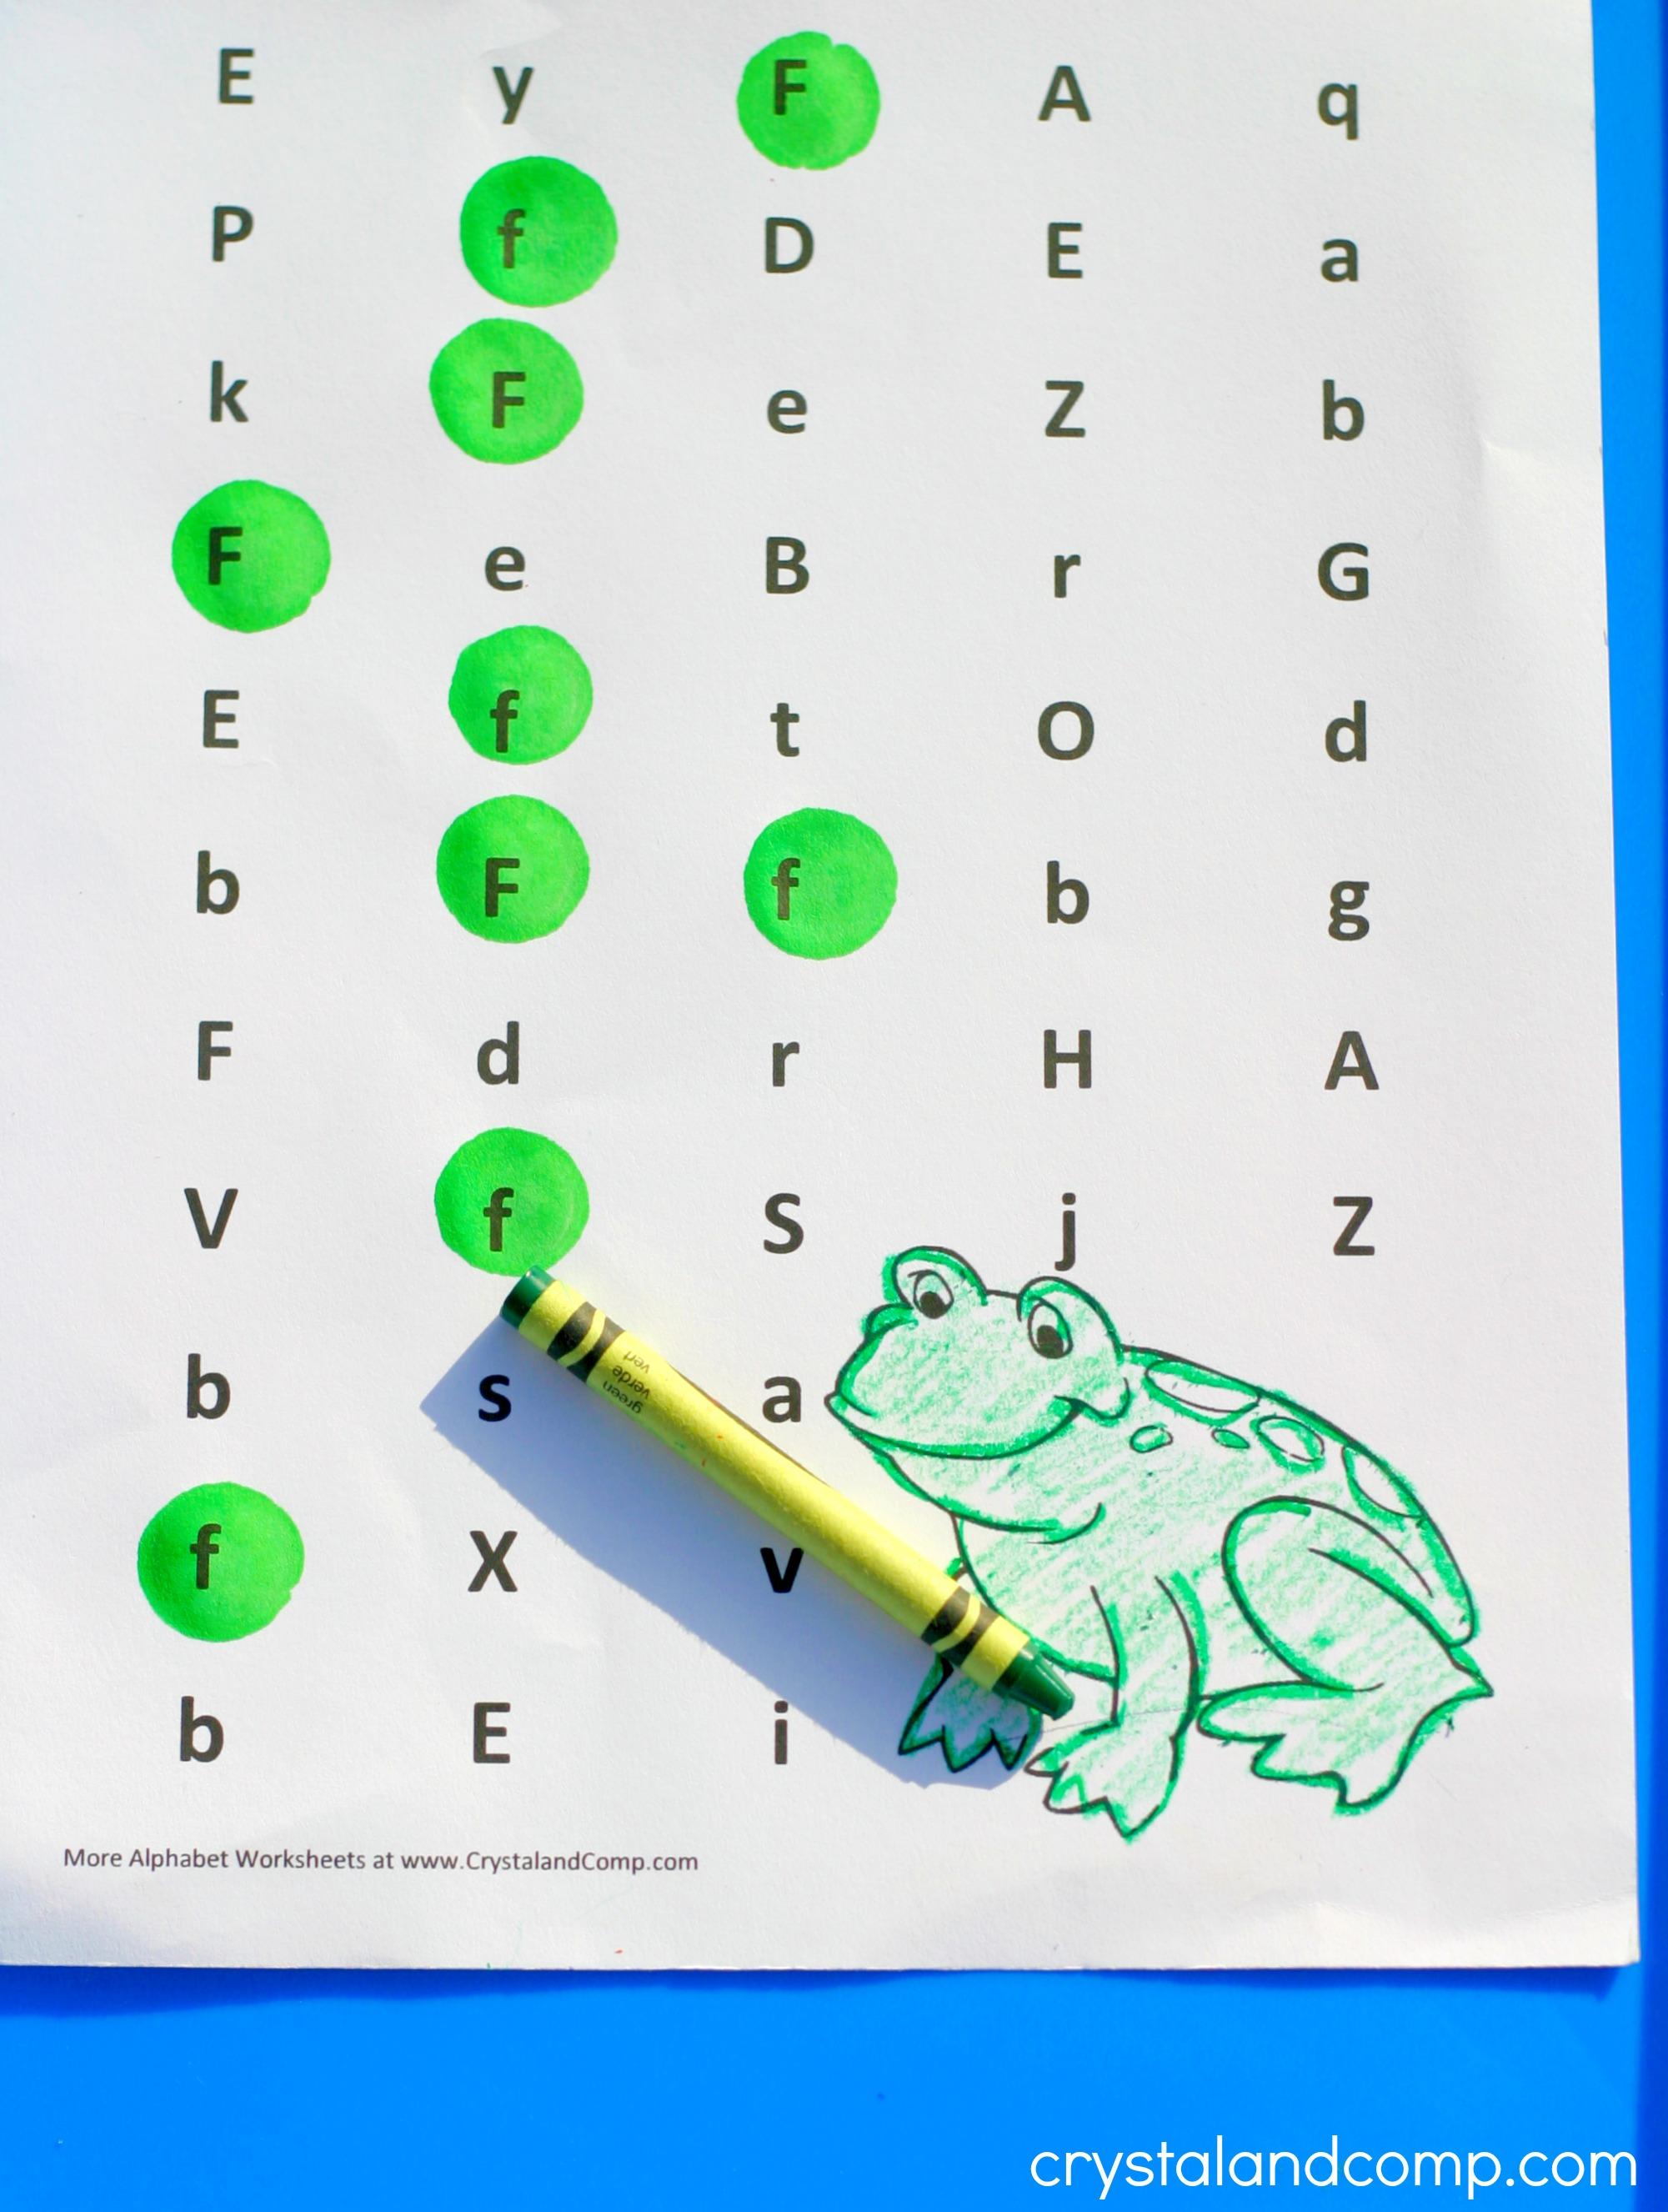 Worksheet Alphabet Recognition Worksheets Worksheet Fun